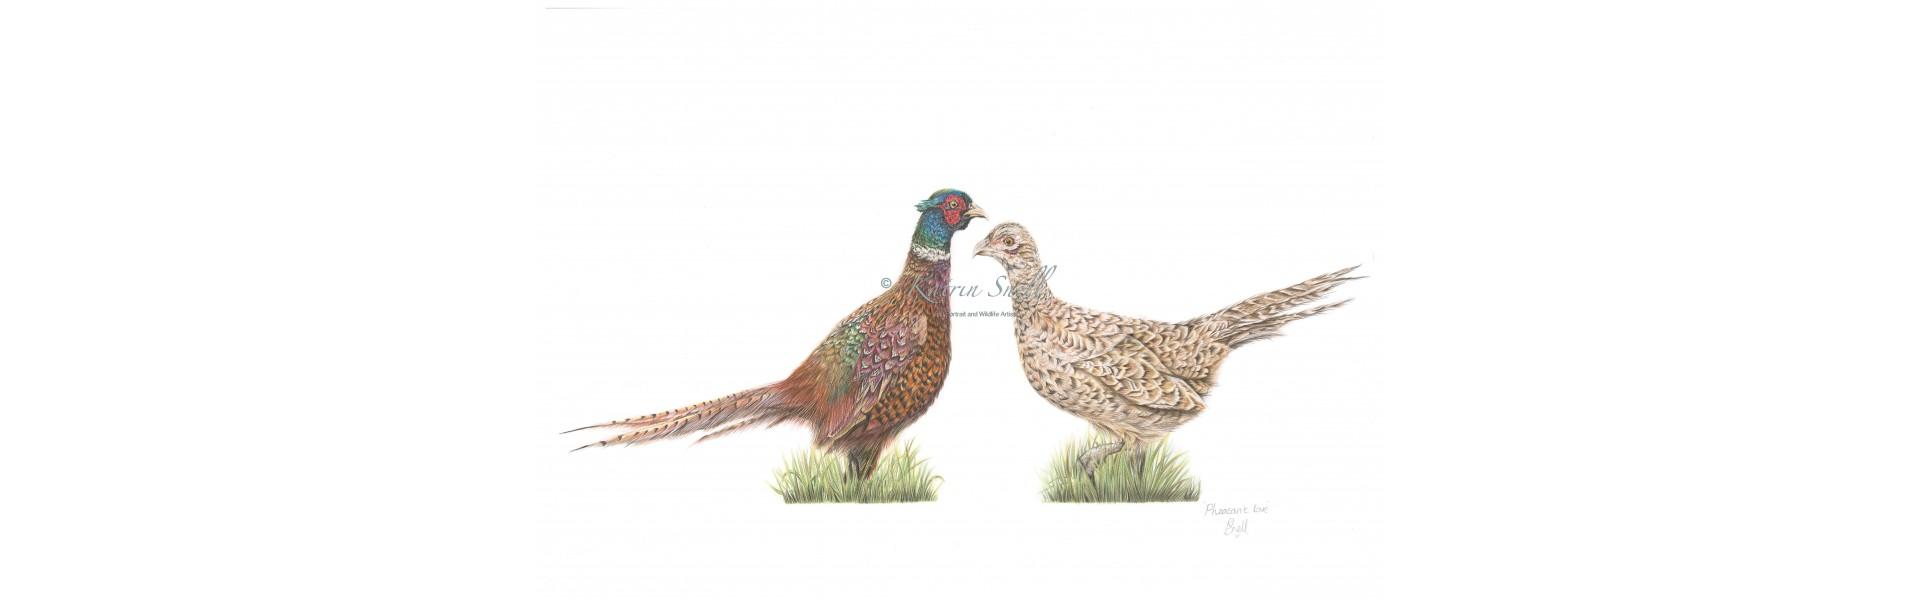 Pheasant love